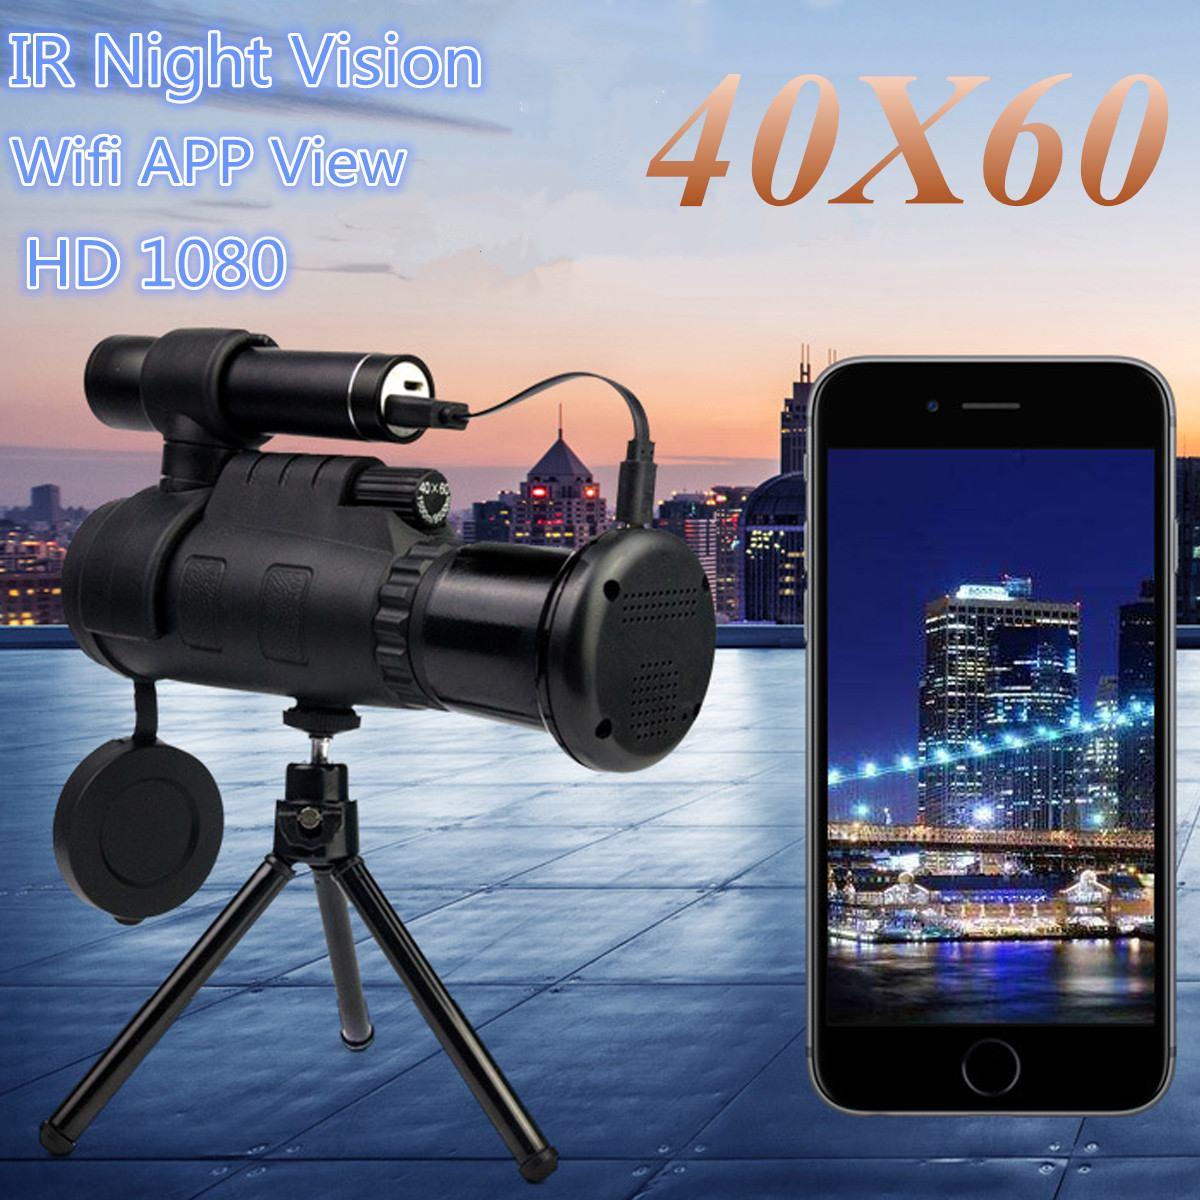 40X60 Zoom HD IR Vision nocturne monoculaire infrarouge jumelles télescope support pour téléphone trépied pour la chasse Camping randonnée